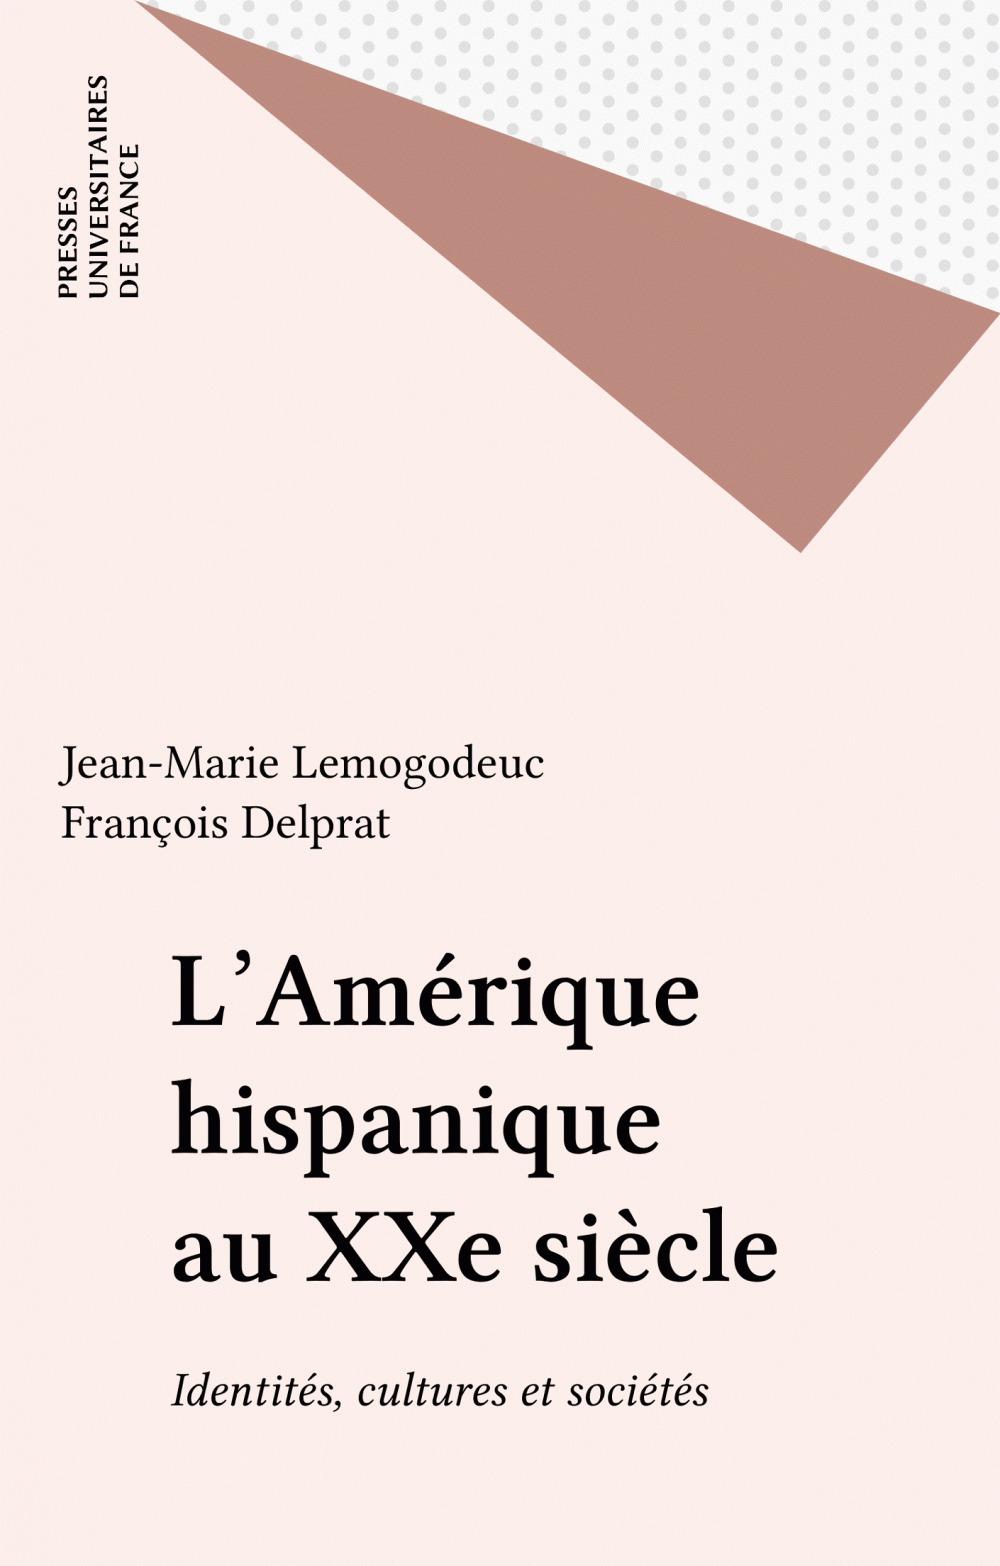 L'Amérique hispanique au XXe siècle ; identités, cultures et sociétés